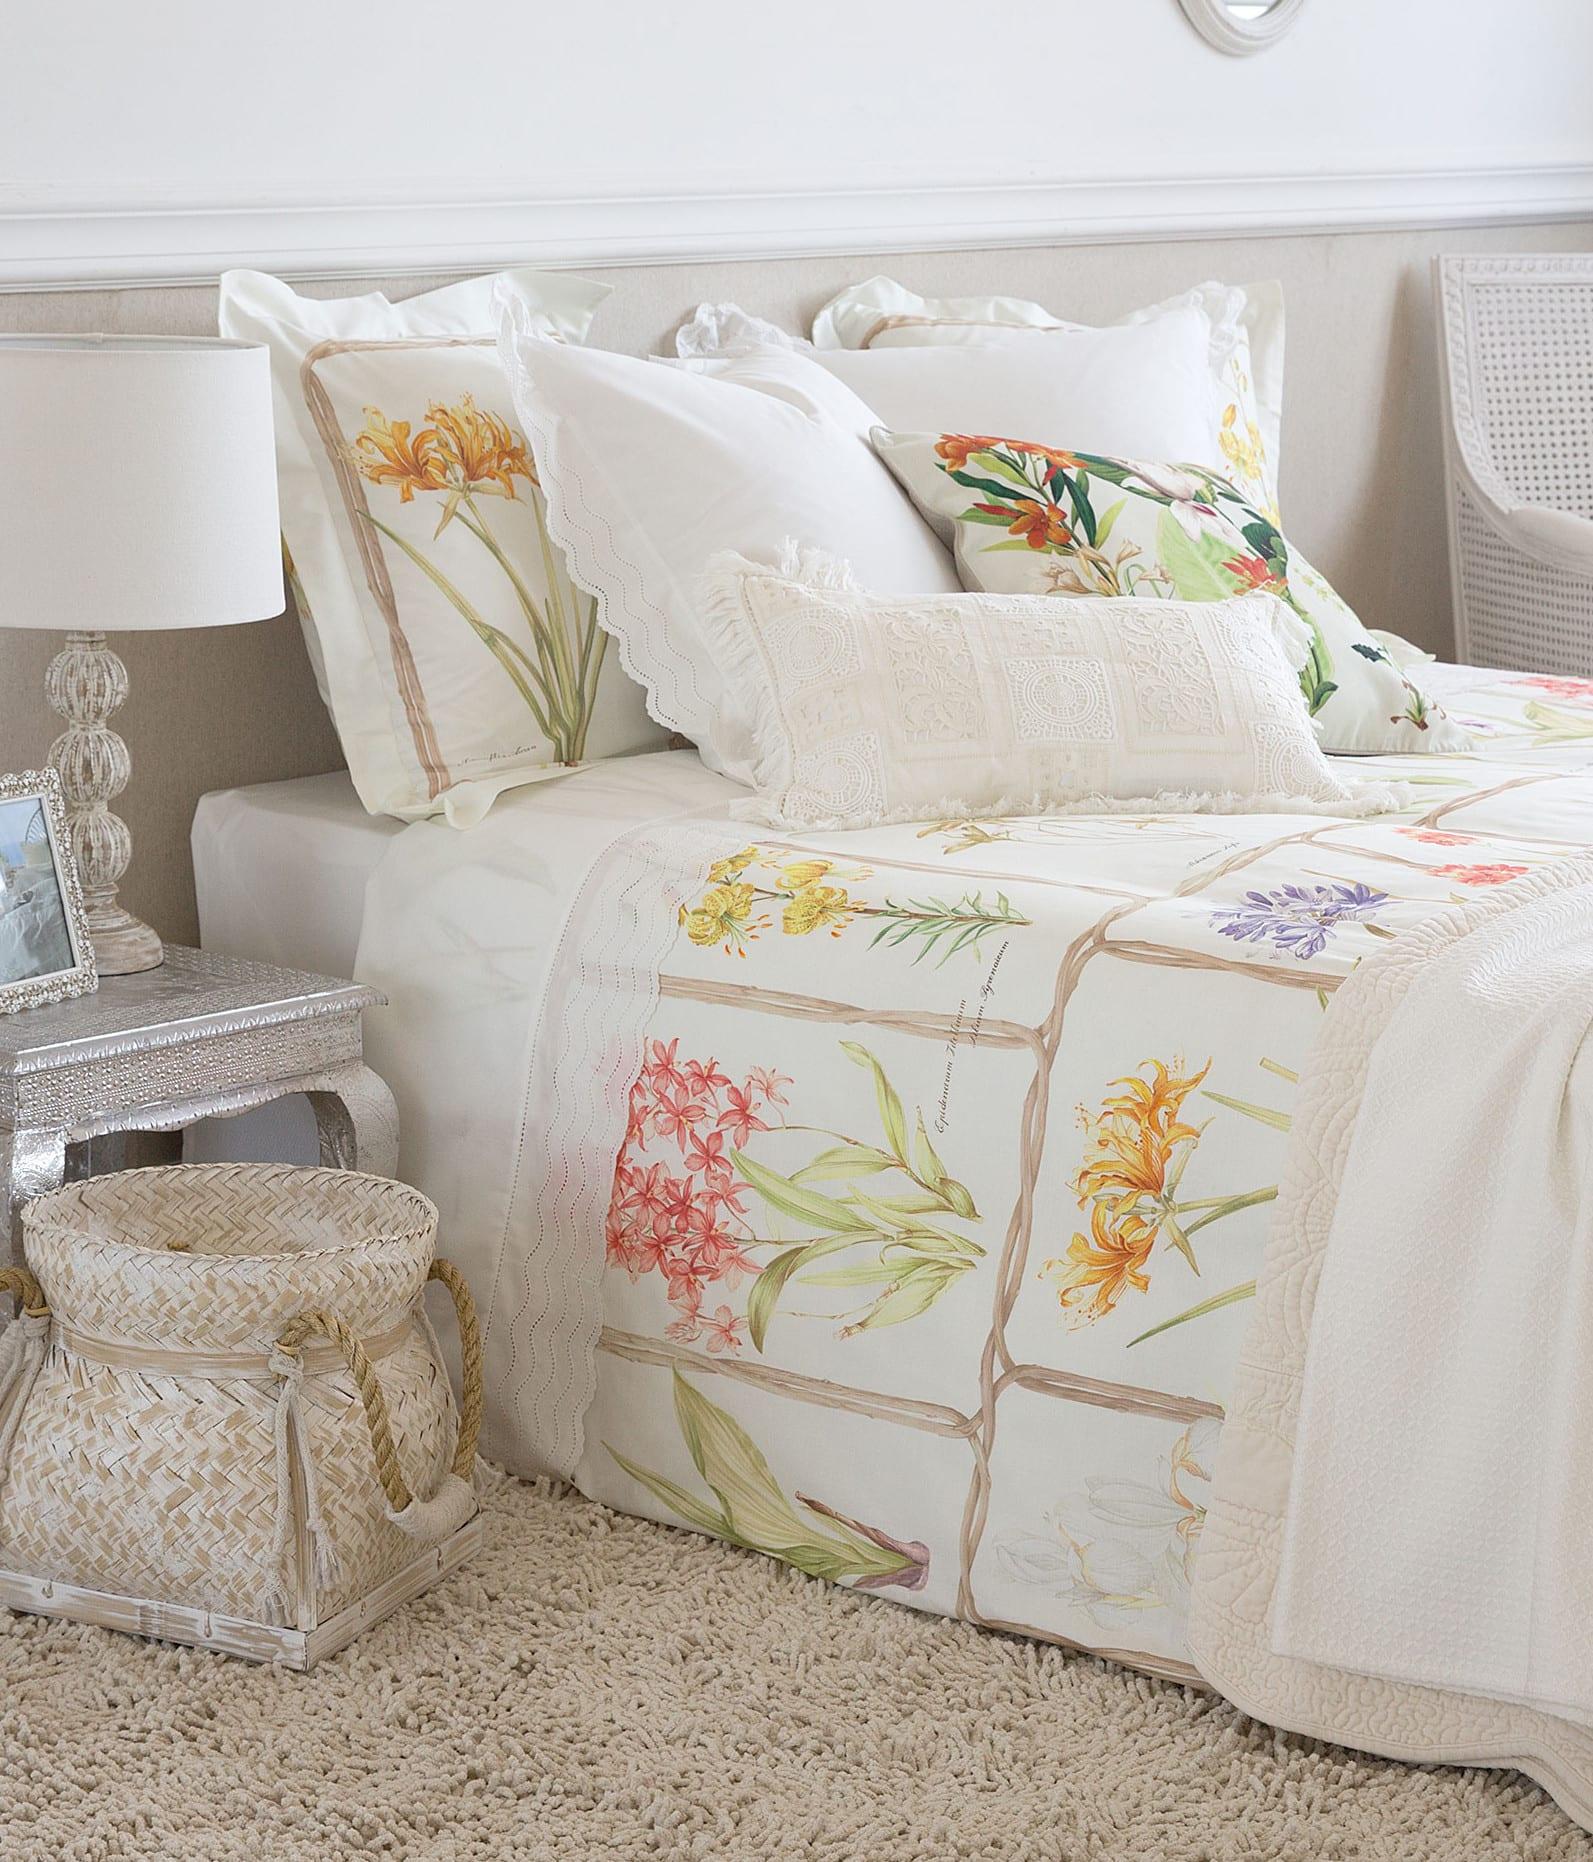 moderne schlafzimmer gestalten in beige und einrichten mit zara home bettwäsche und barock nachttisch silber